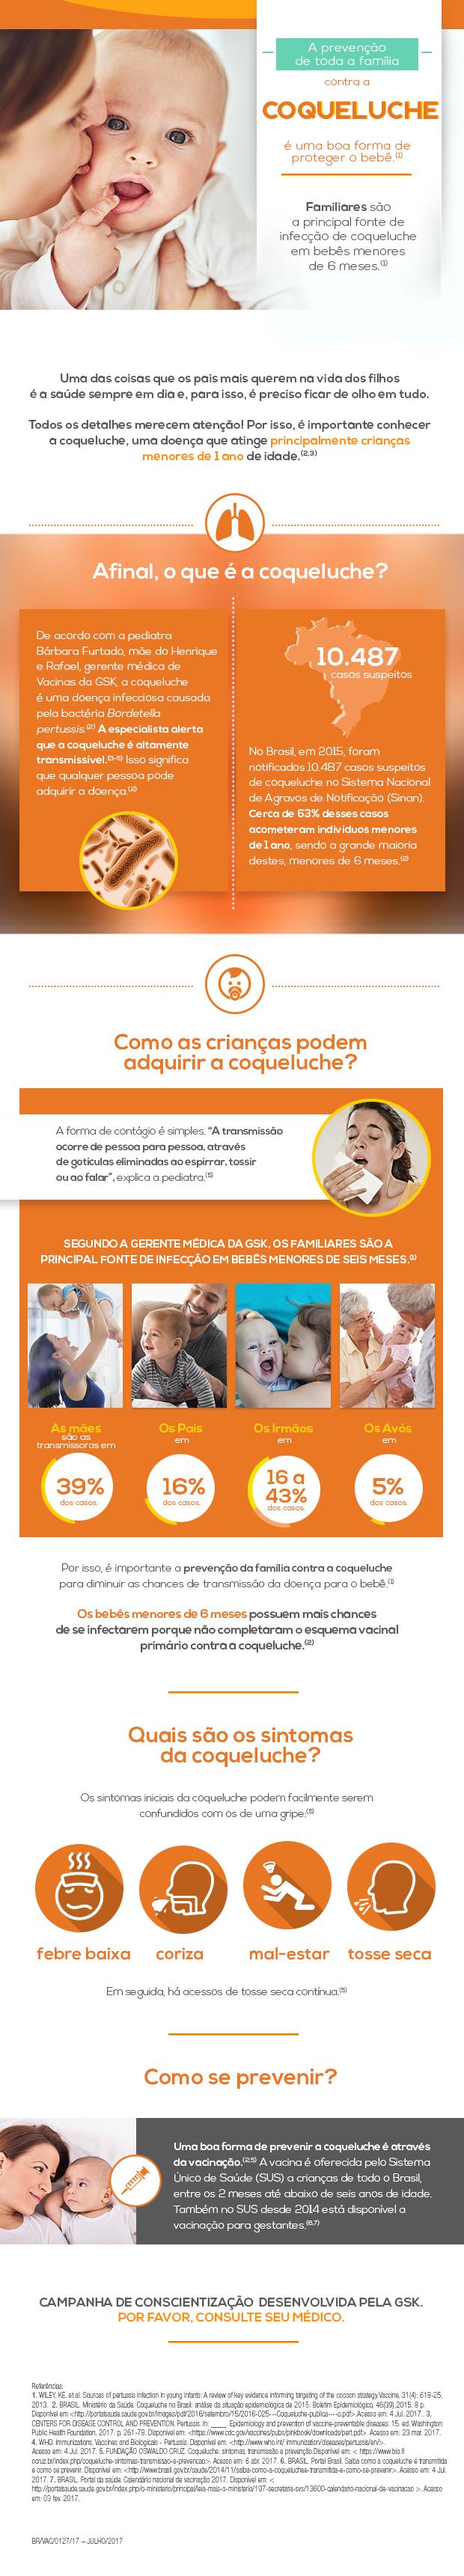 infografico-coqueluche